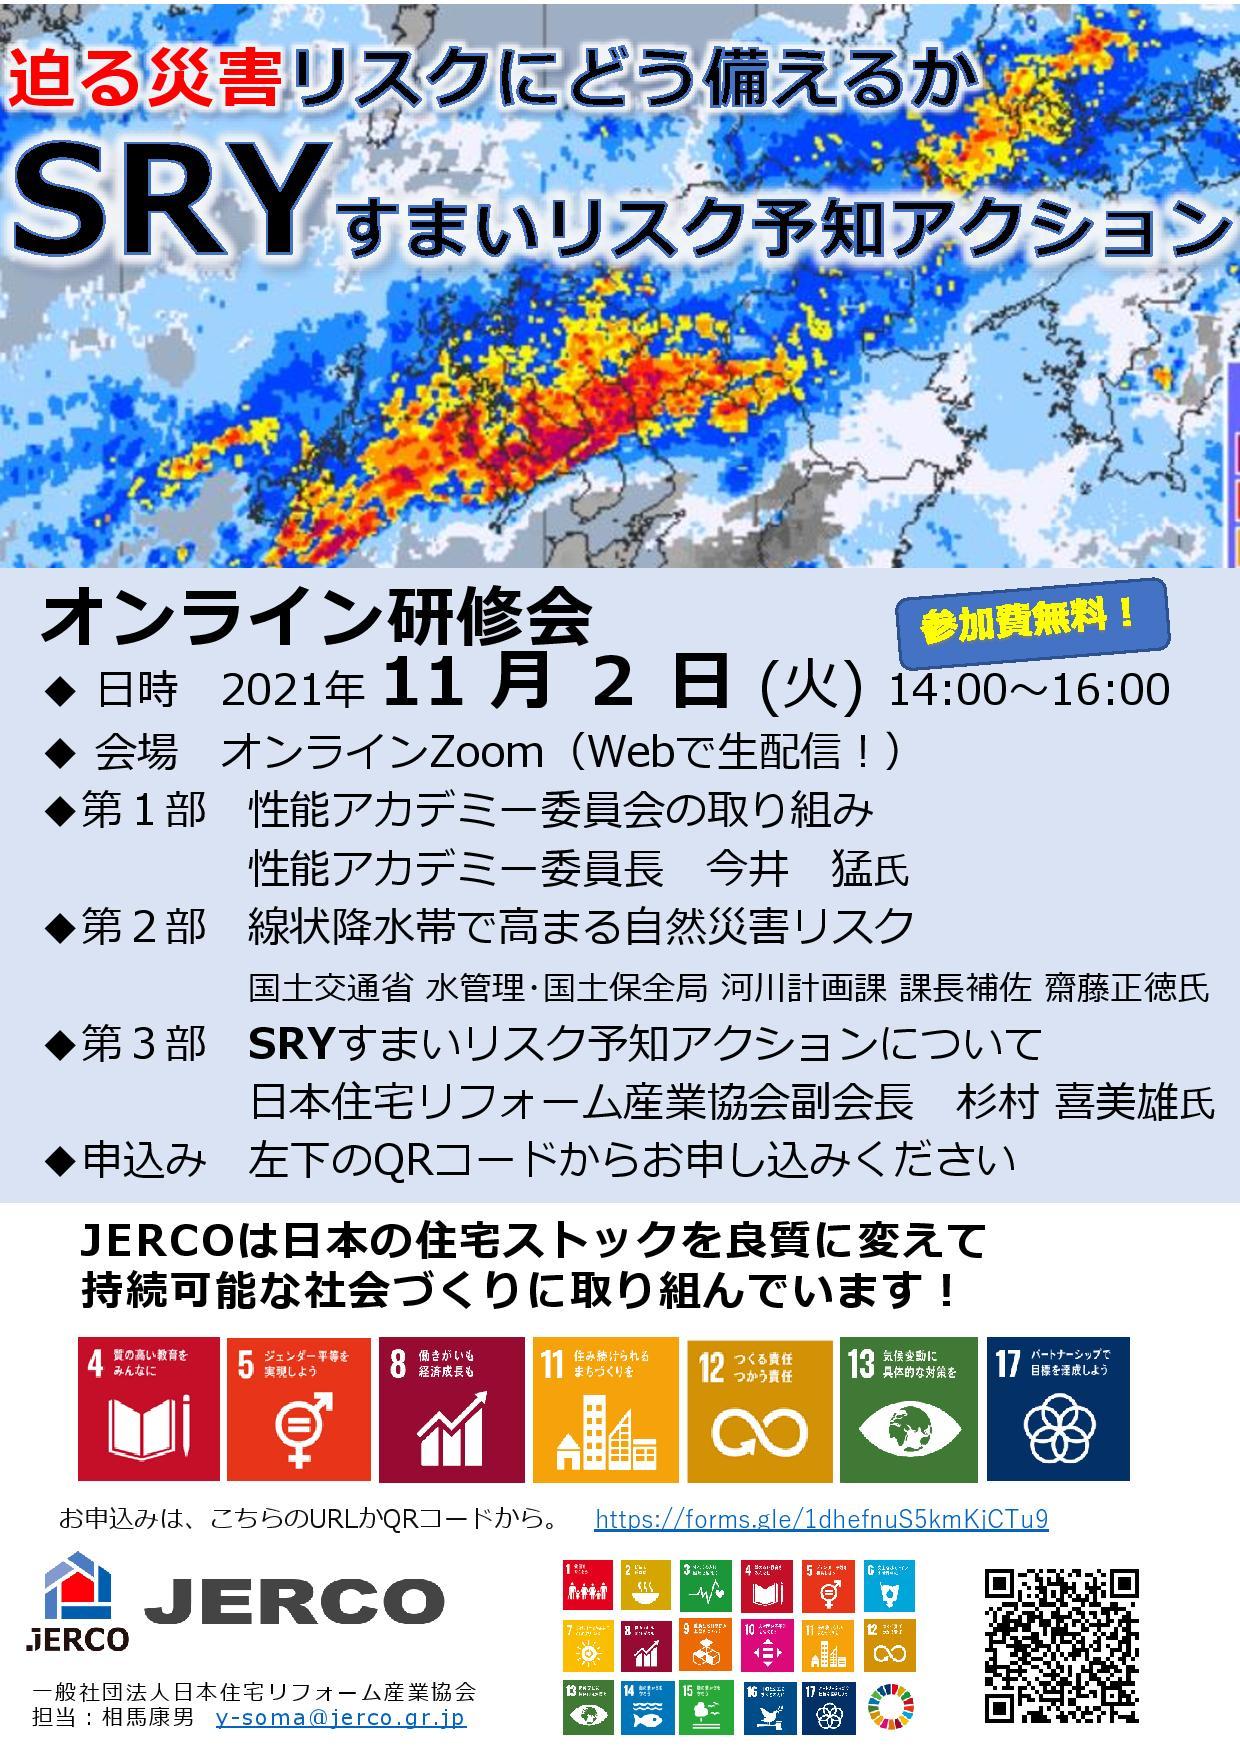 2021年11月2日災害対策研修会のご案内